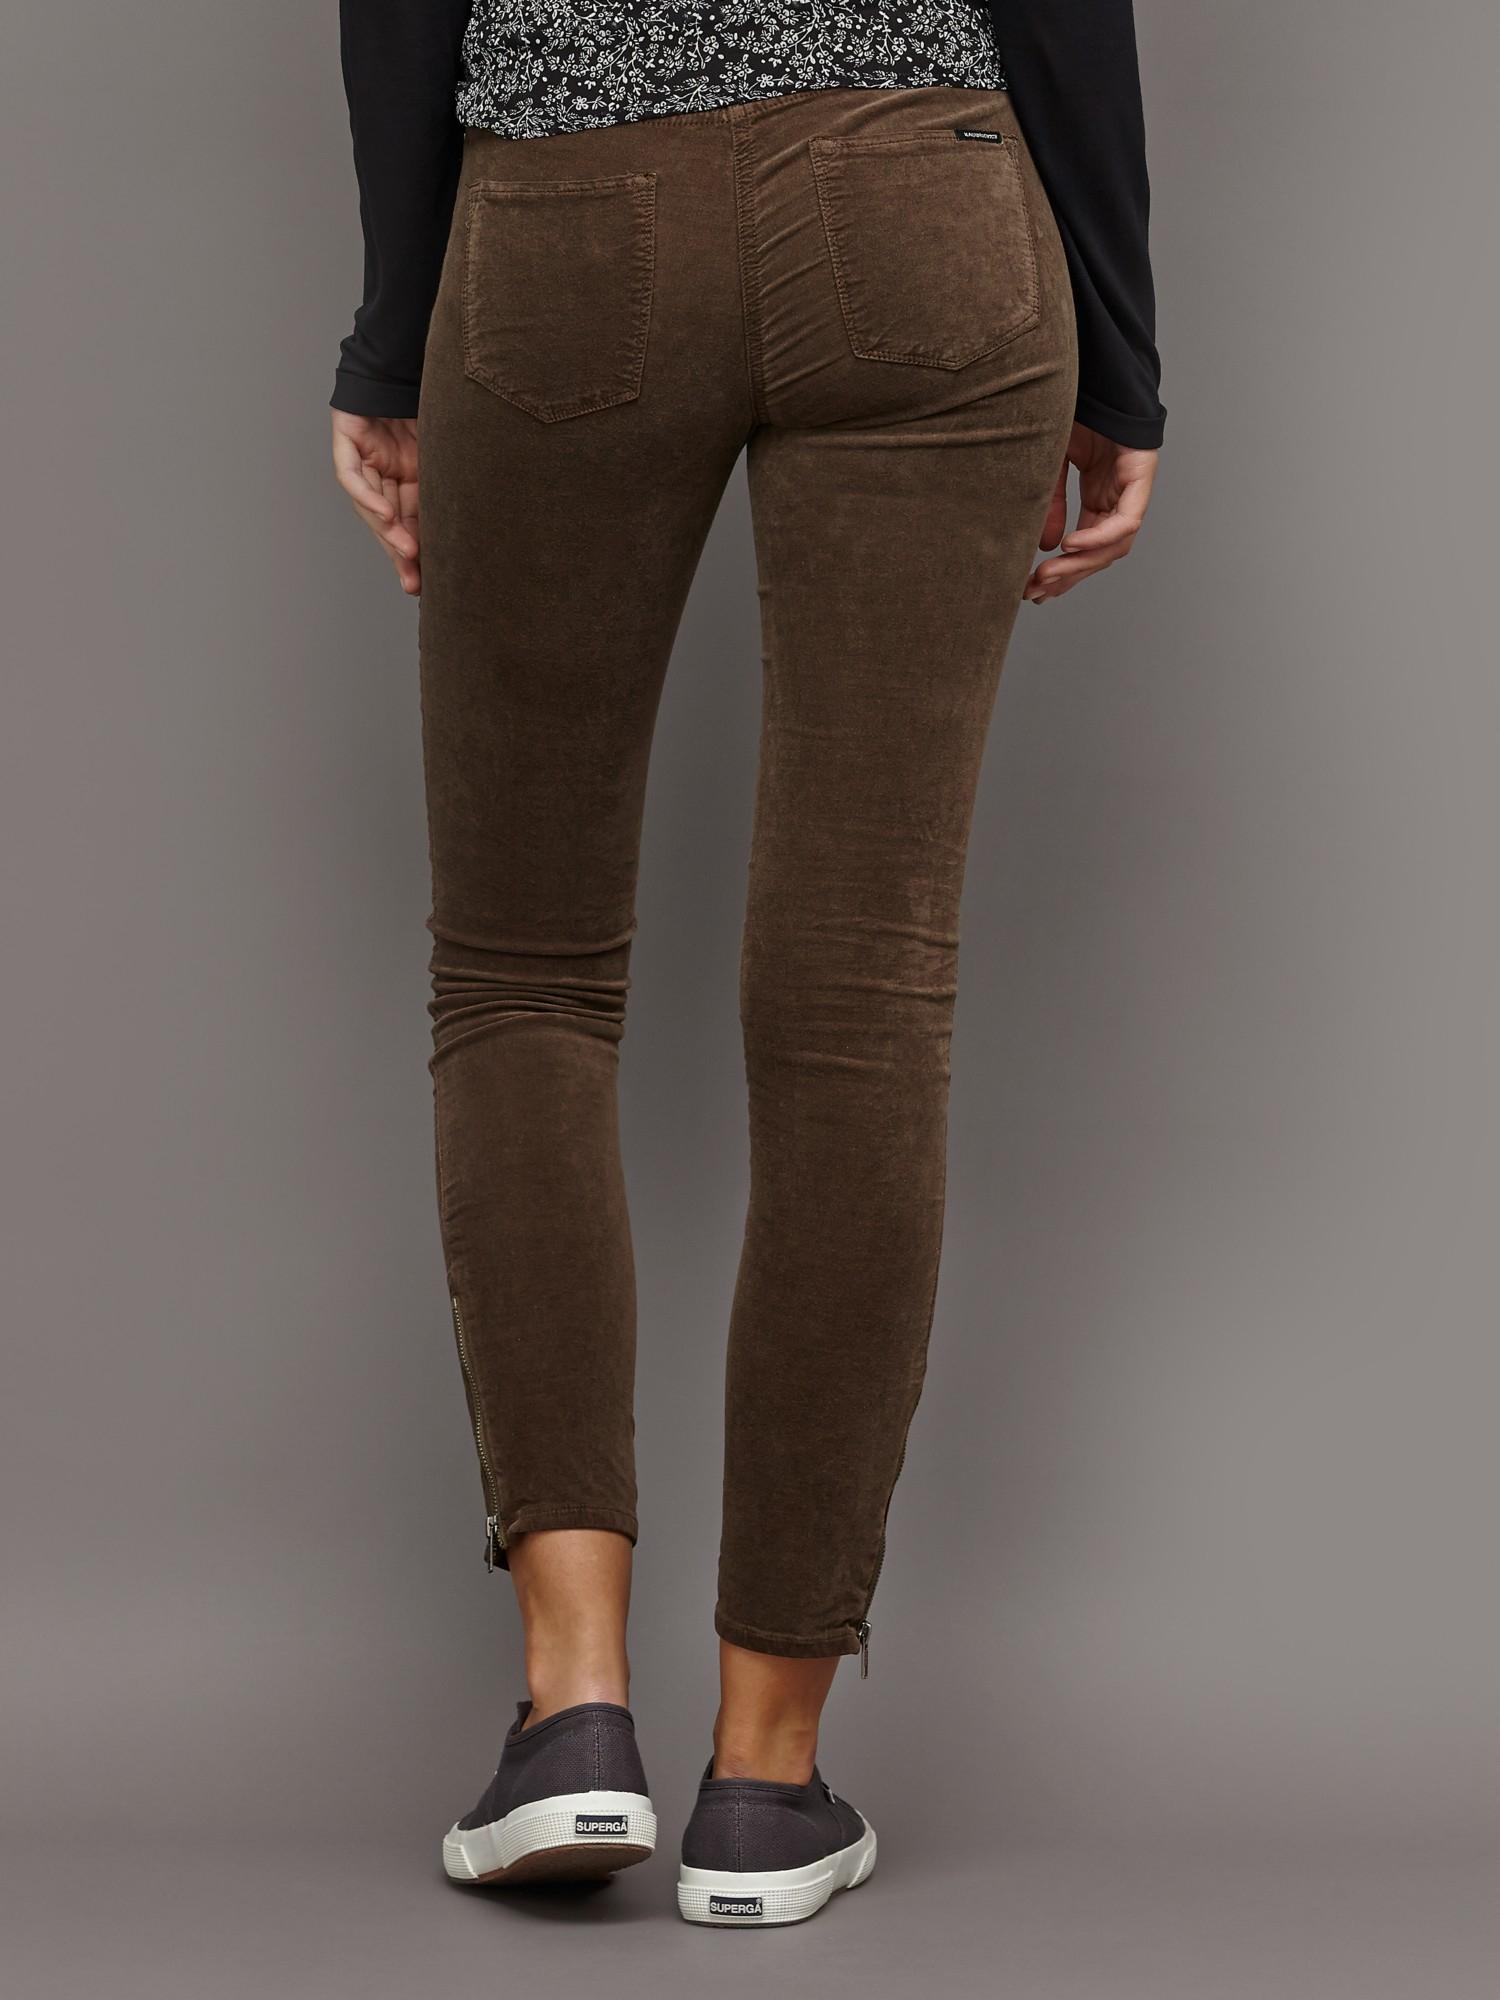 c7d8442b862d9 Maison Scotch Skinny Moleskin Trousers in Green - Lyst